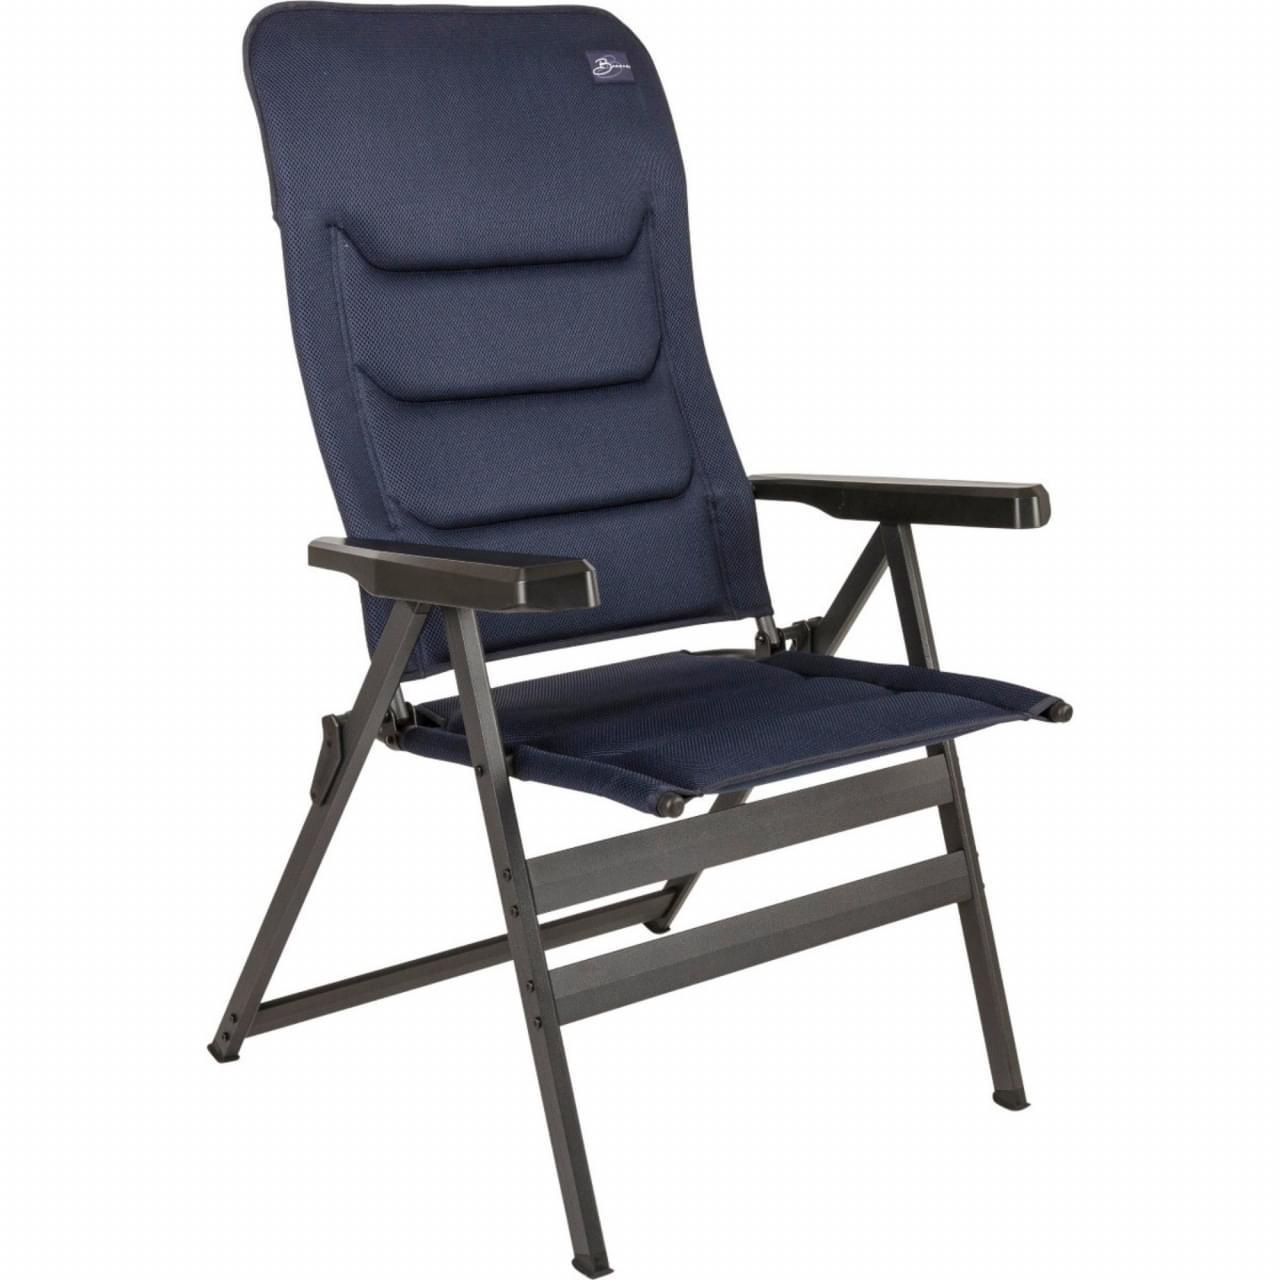 Bardani Bernardo XL 3D Comfort Campingstoel - Blauw